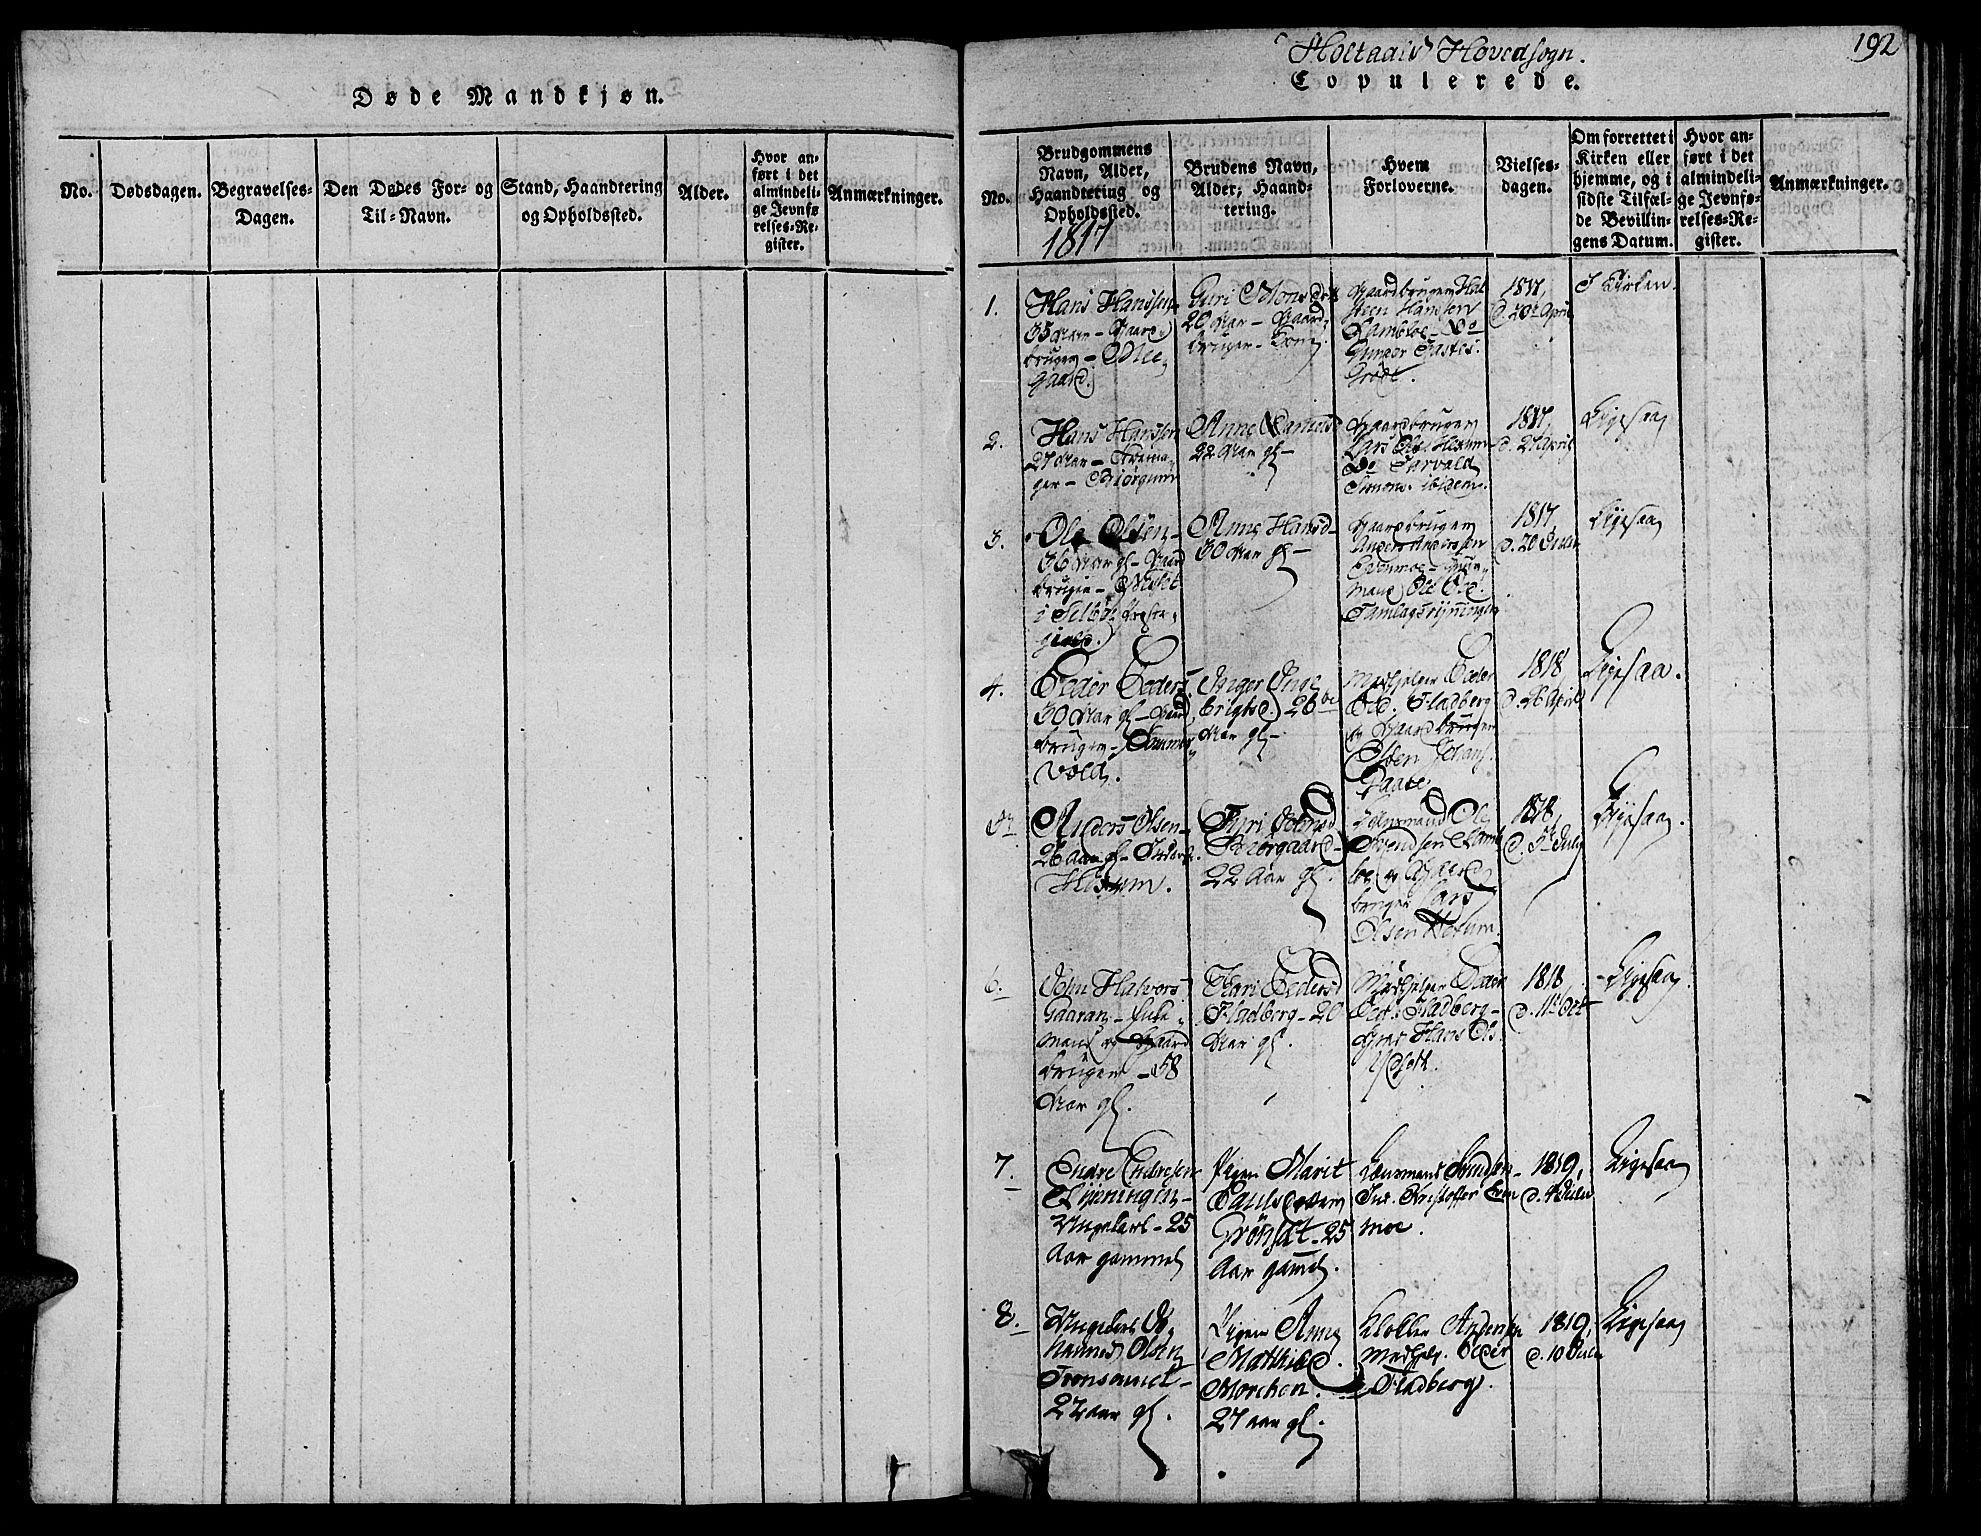 SAT, Ministerialprotokoller, klokkerbøker og fødselsregistre - Sør-Trøndelag, 685/L0954: Ministerialbok nr. 685A03 /1, 1817-1829, s. 192